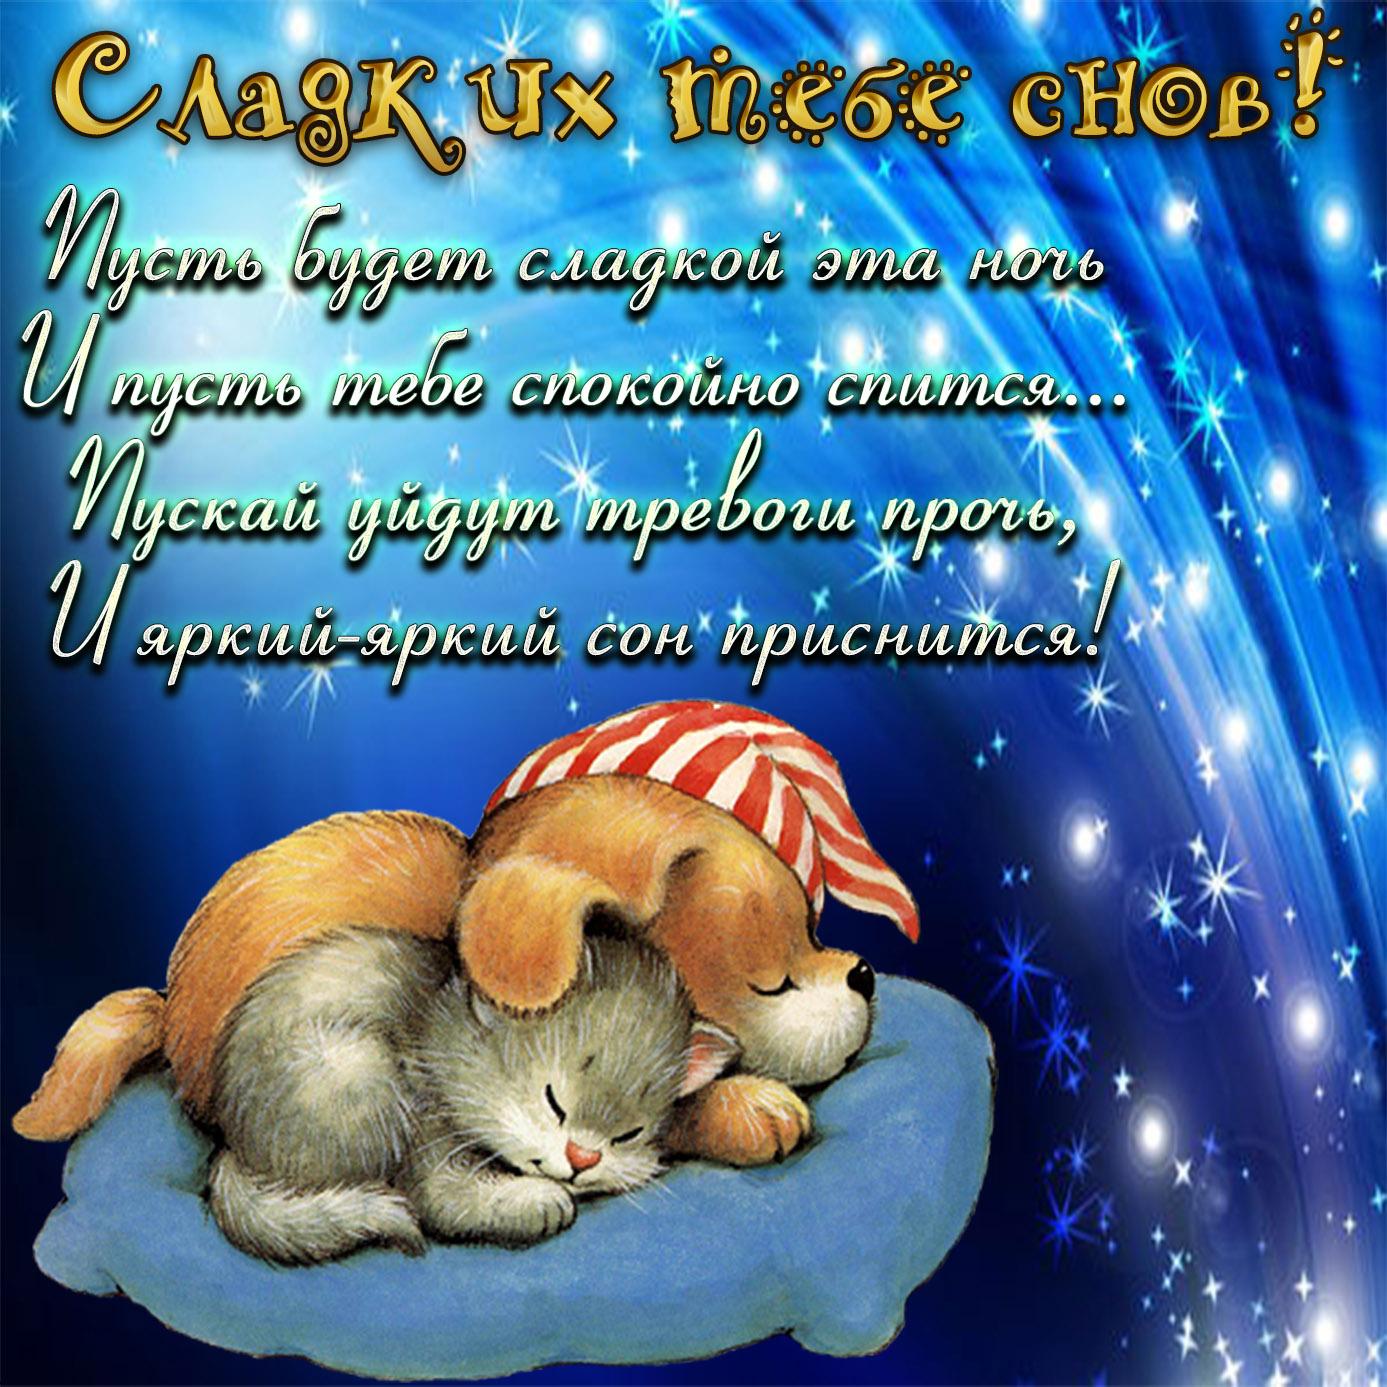 Милая открытка со спящими котиком и собачкой